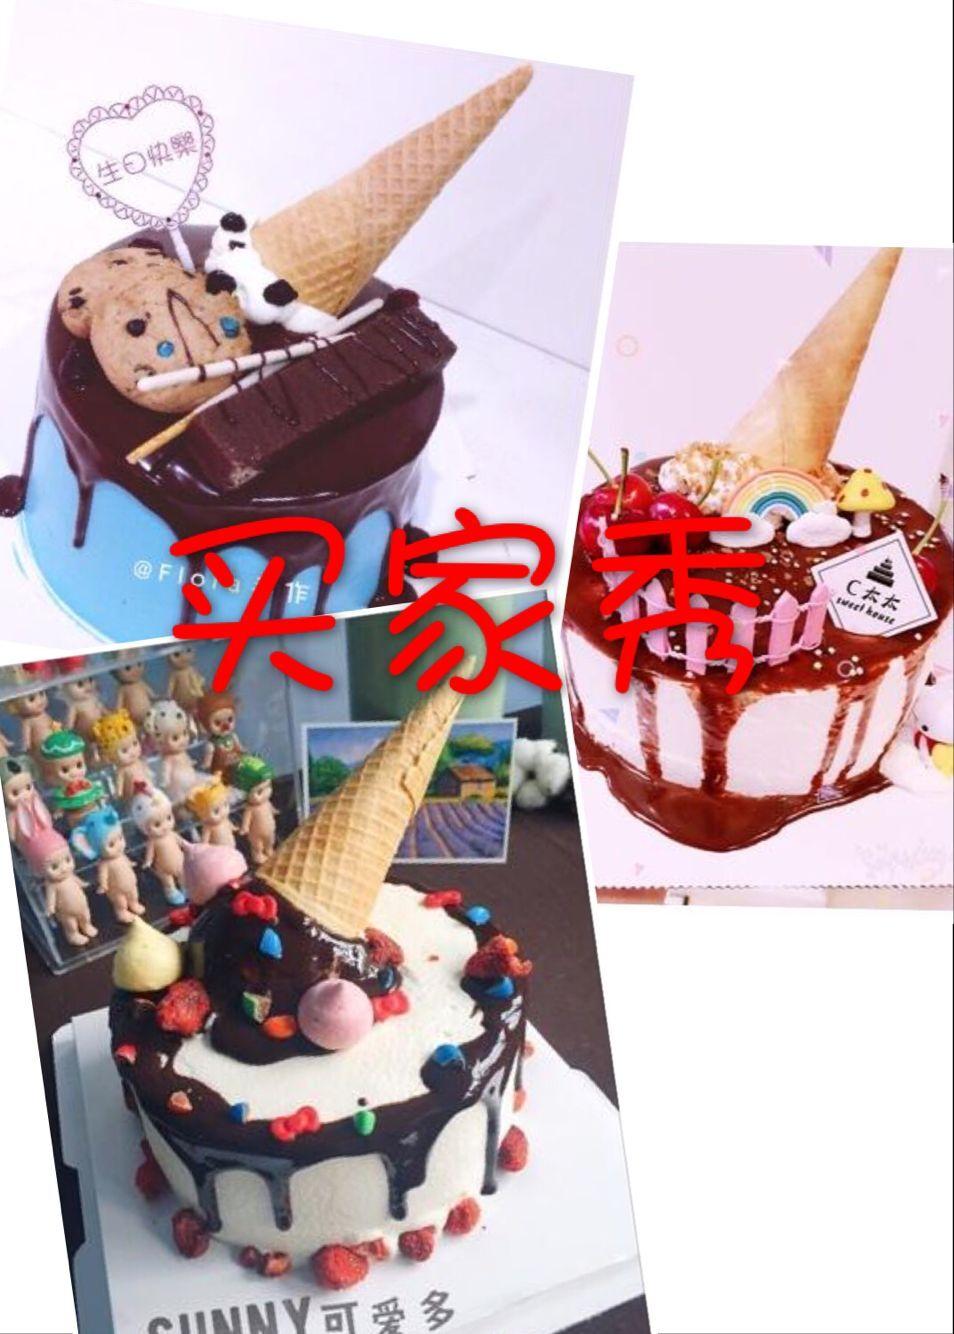 脆皮蛋筒冰淇淋甜筒华夫筒脆筒送纸套23度48个装 全国包邮!